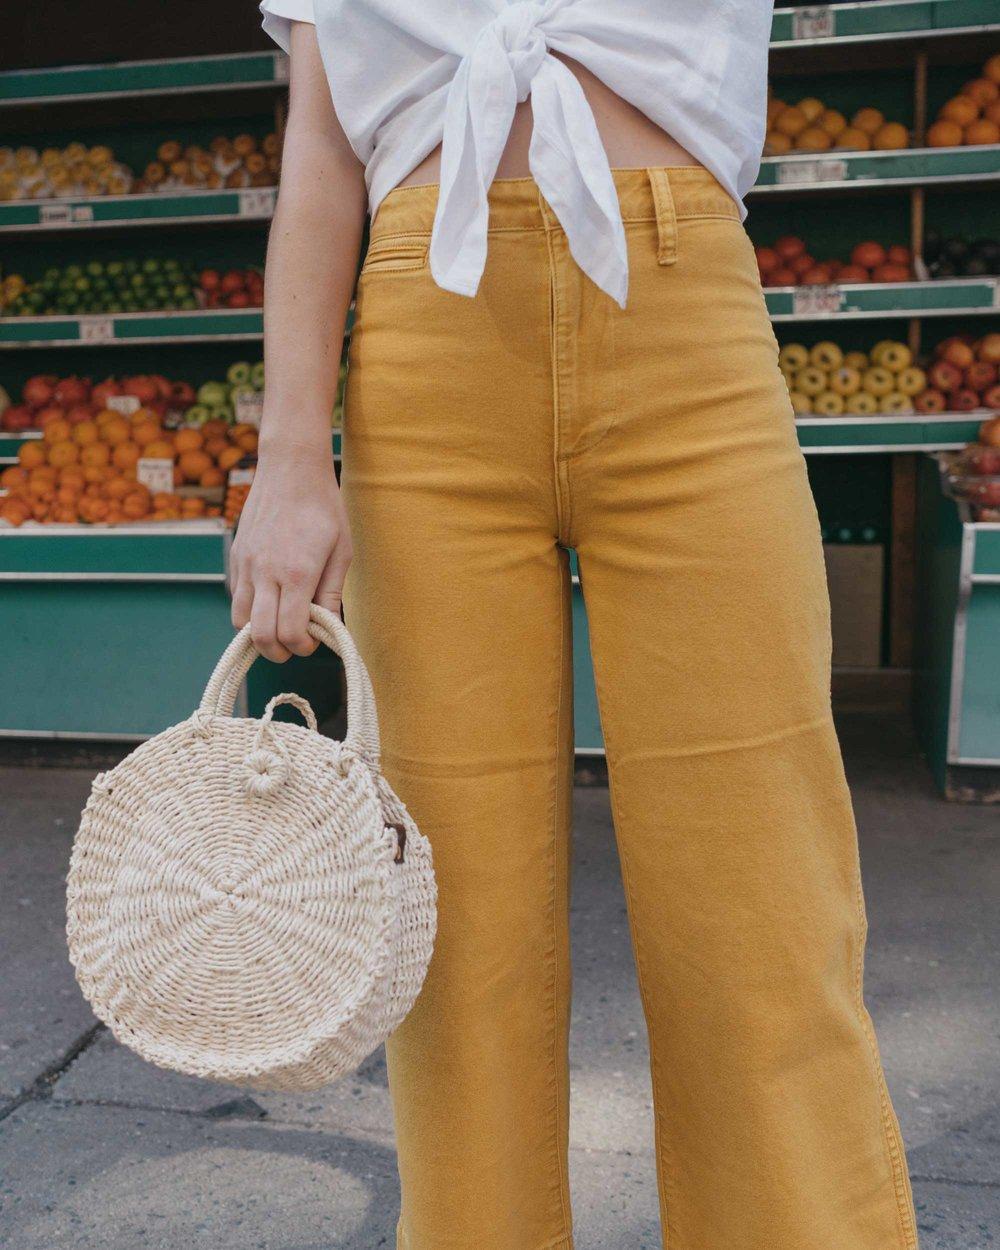 Madewell emmett wide-leg crop pants Round Woven Bag short-sleeve tie-front shirt summer outfit fruit stand new york6.jpg